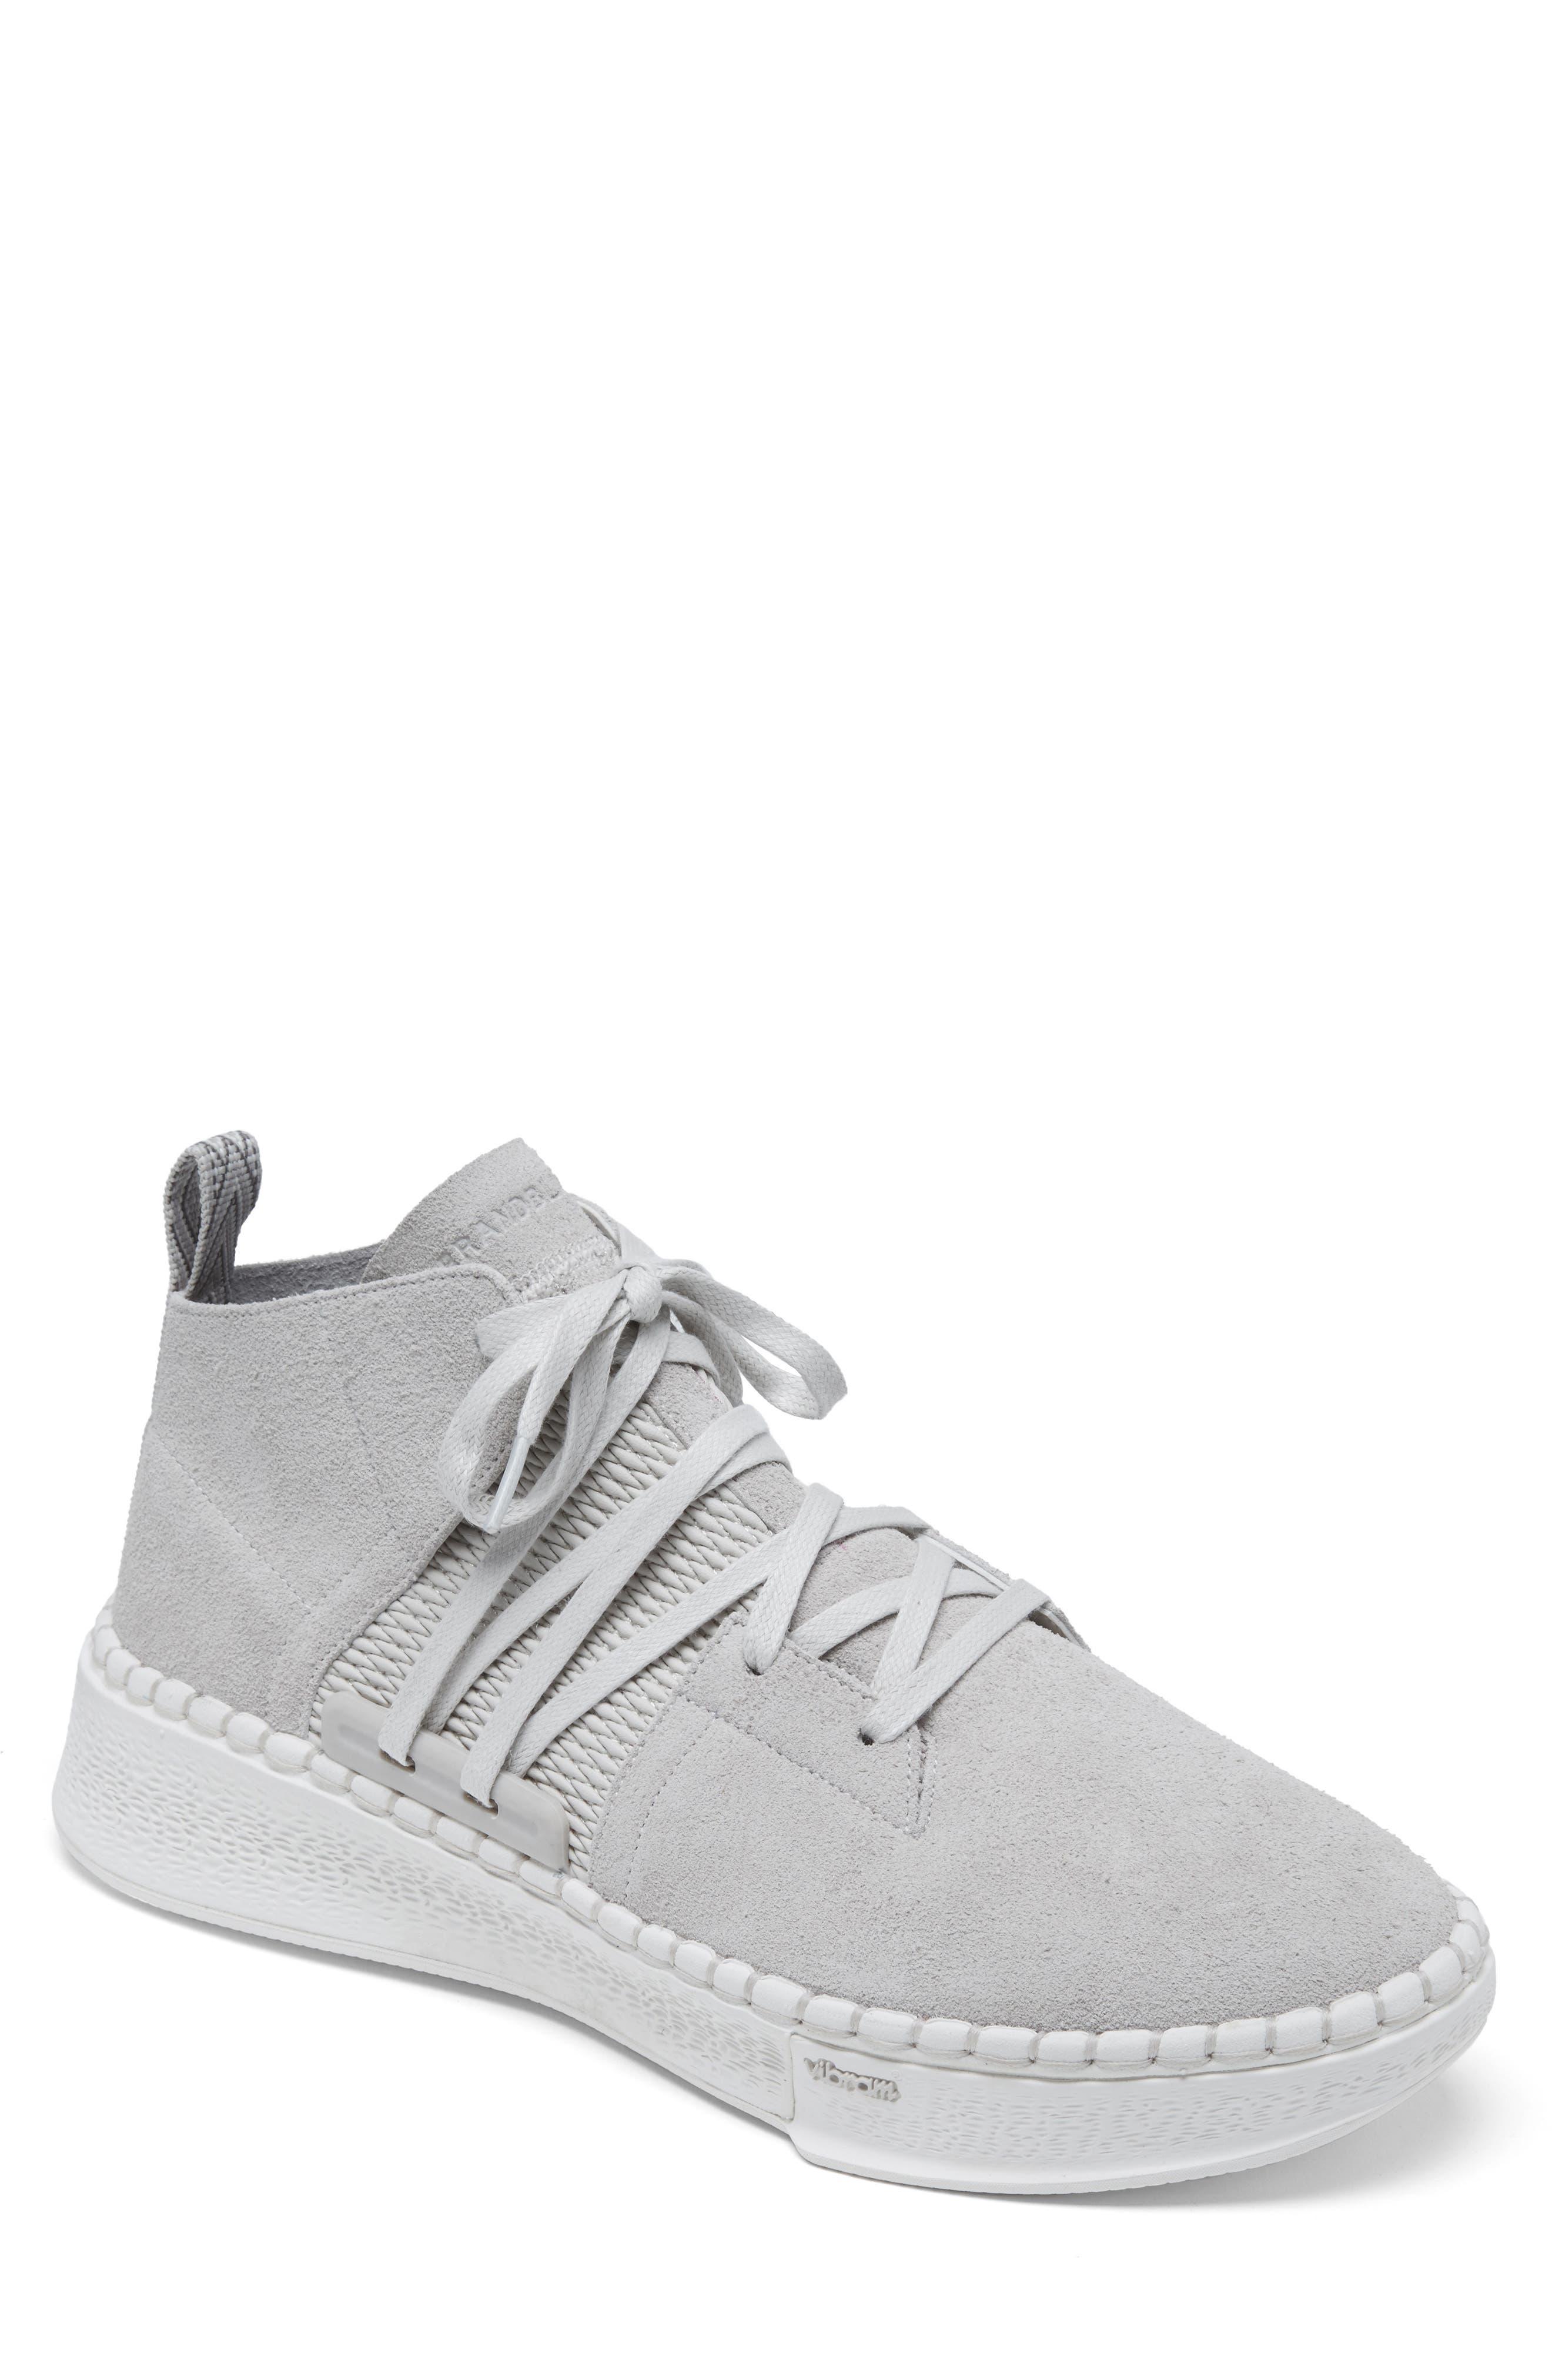 Delta Sneaker,                             Main thumbnail 1, color,                             Beige